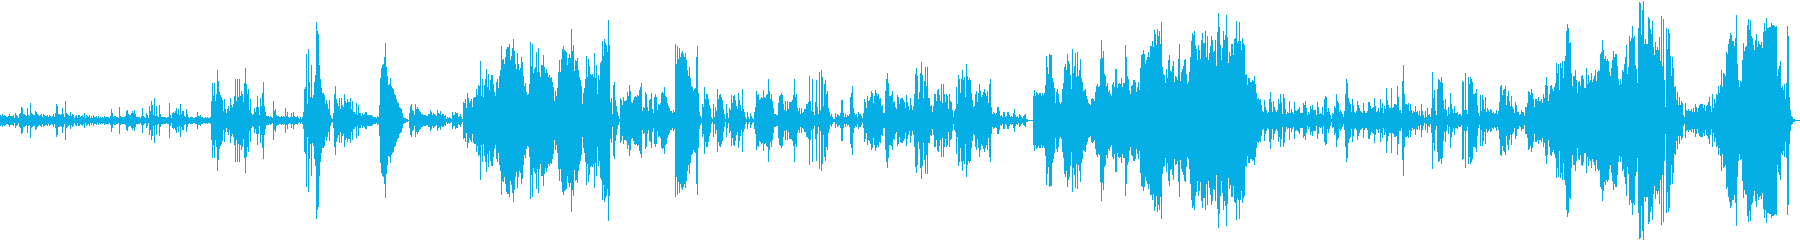 モーリス・ラヴェルの曲のピアノアレンジの再生済みの波形